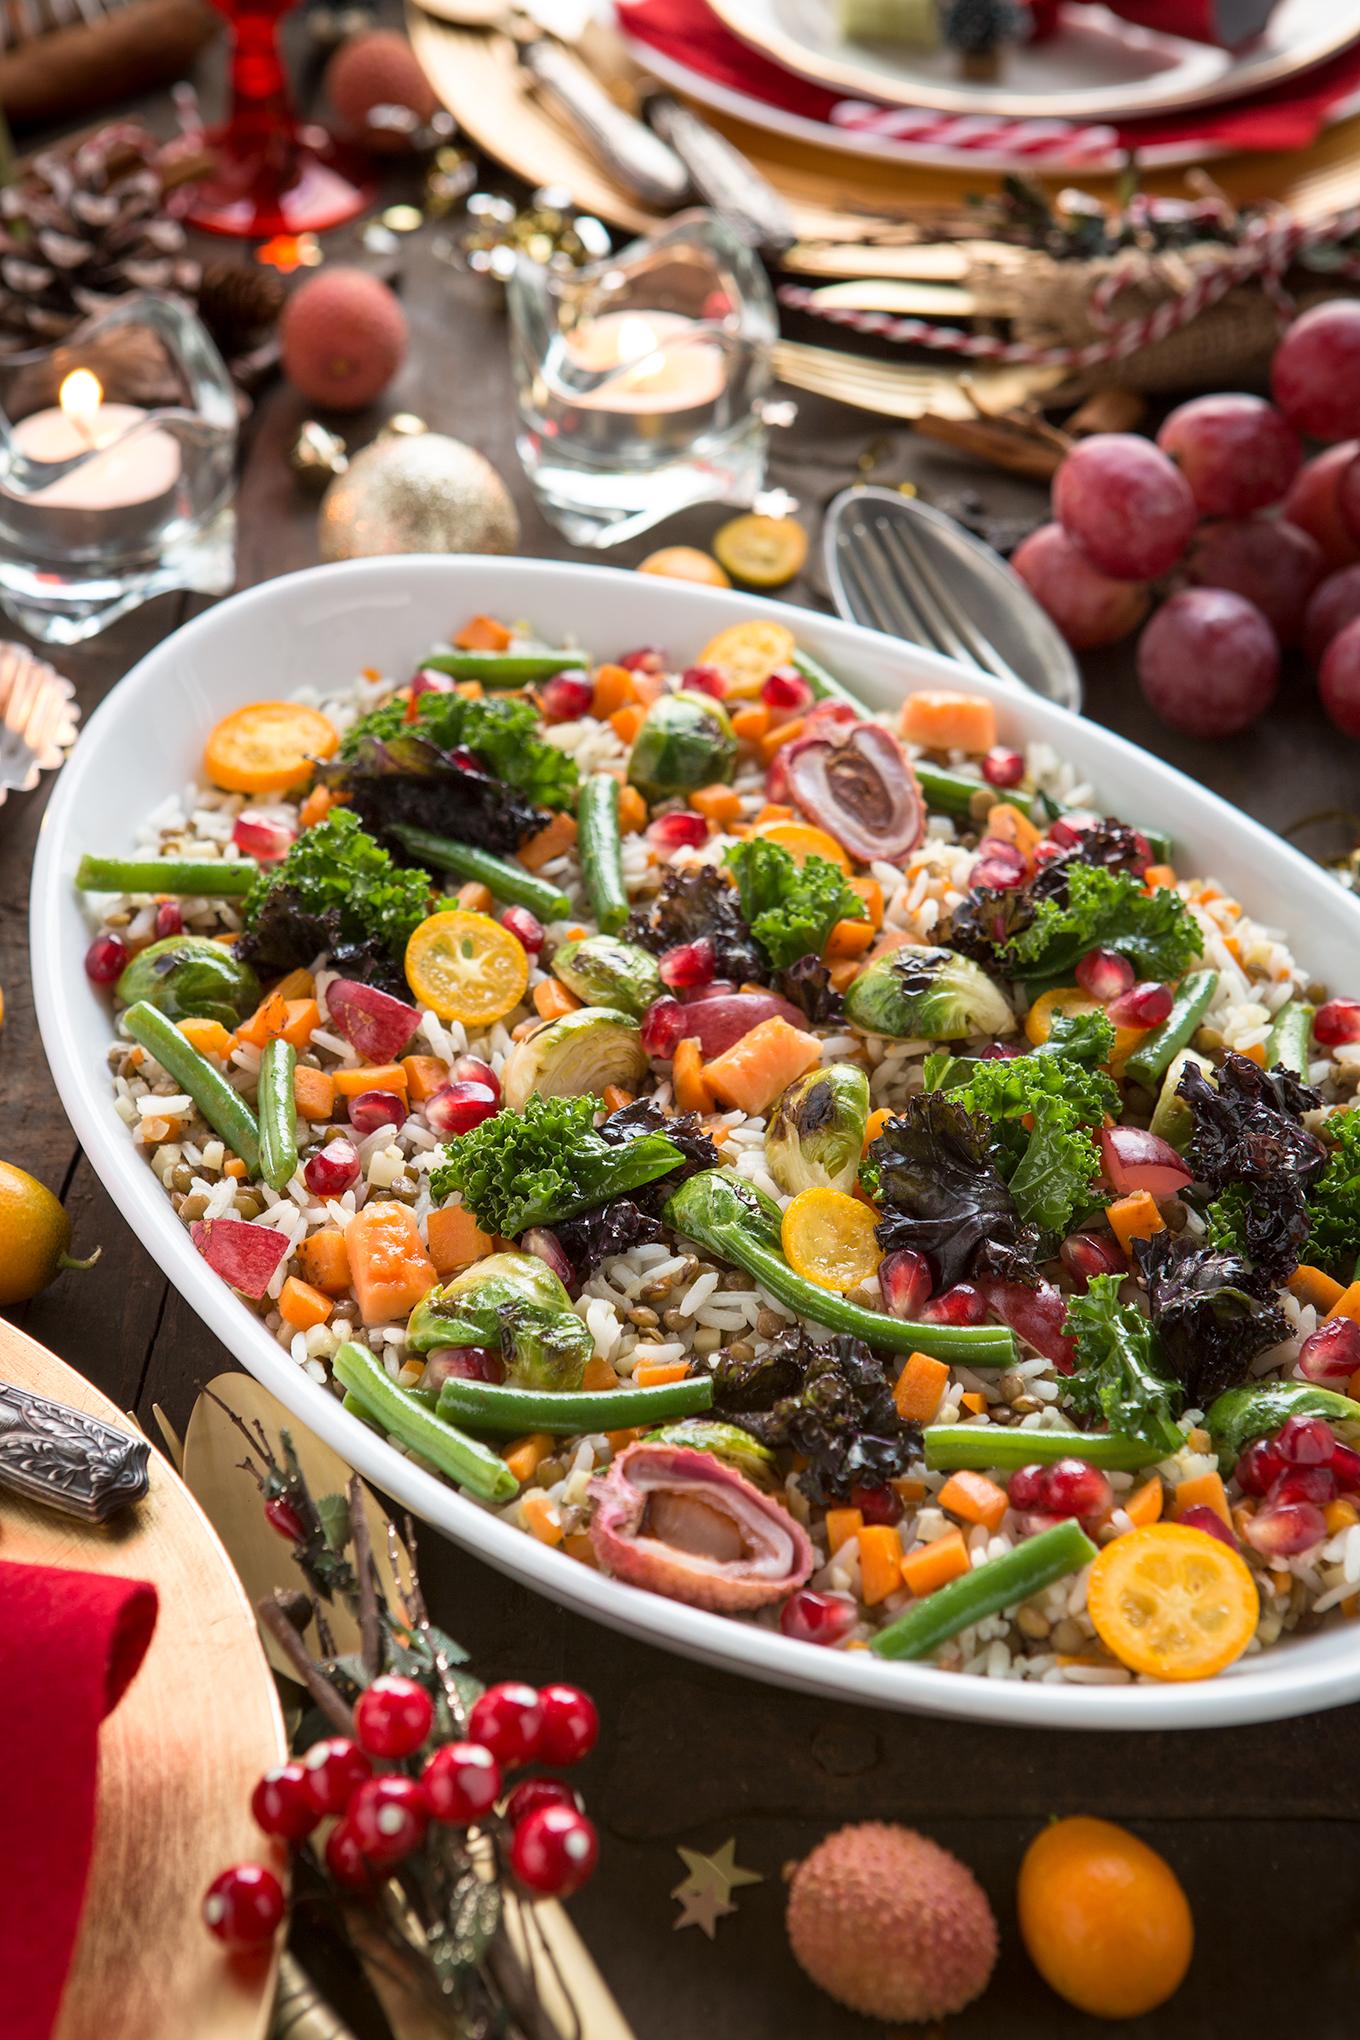 RISO e LENTICCHIE con verdure saltate e frutta esotica